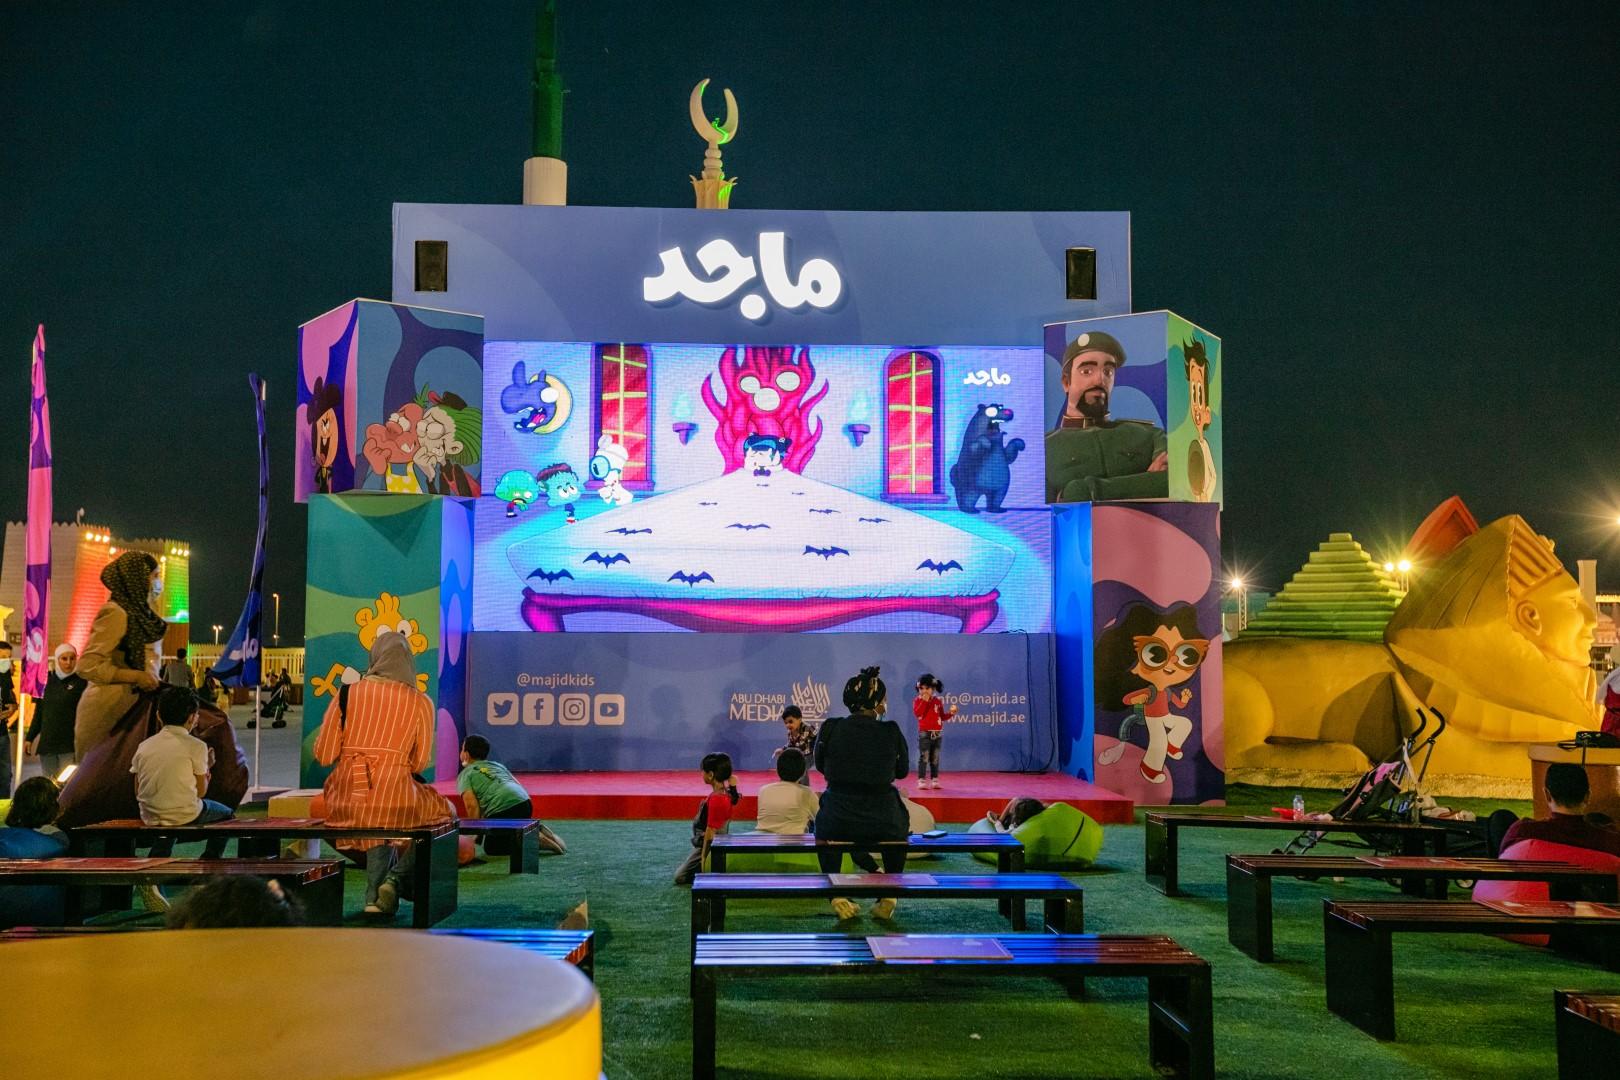 """""""مهرجان الشيخ زايد"""" يوفر لزواره تجارب تفاعلية ممتعة وفعاليات ترفيهية ضمن بيئة صحية أمنه"""